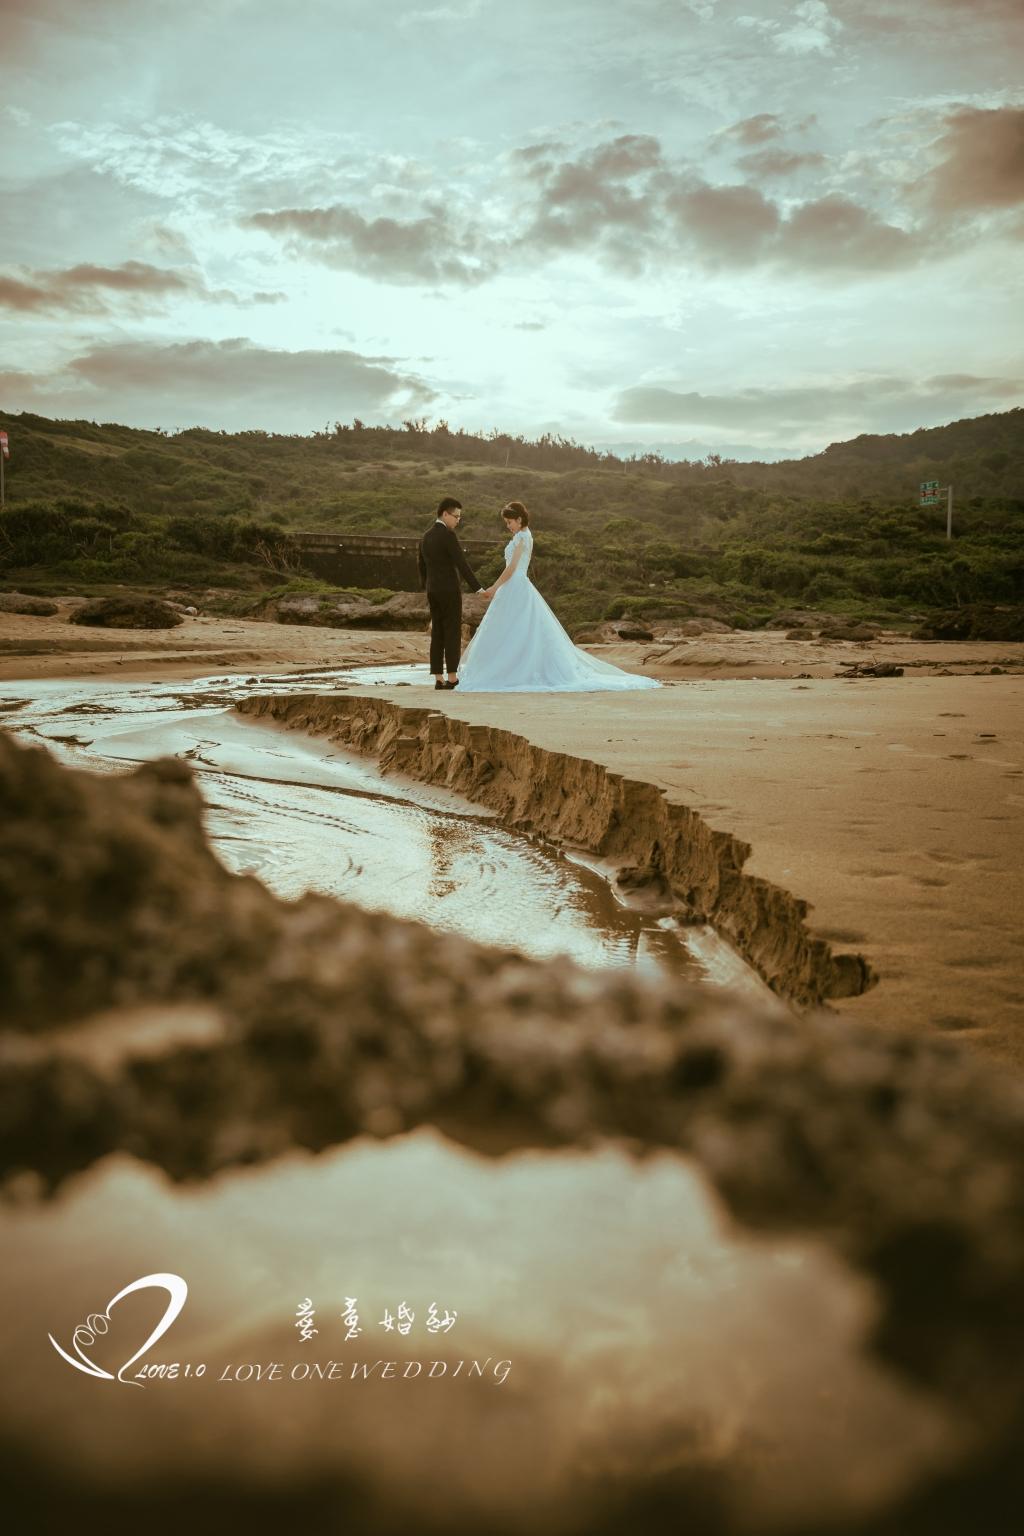 墾丁婚紗照推薦227